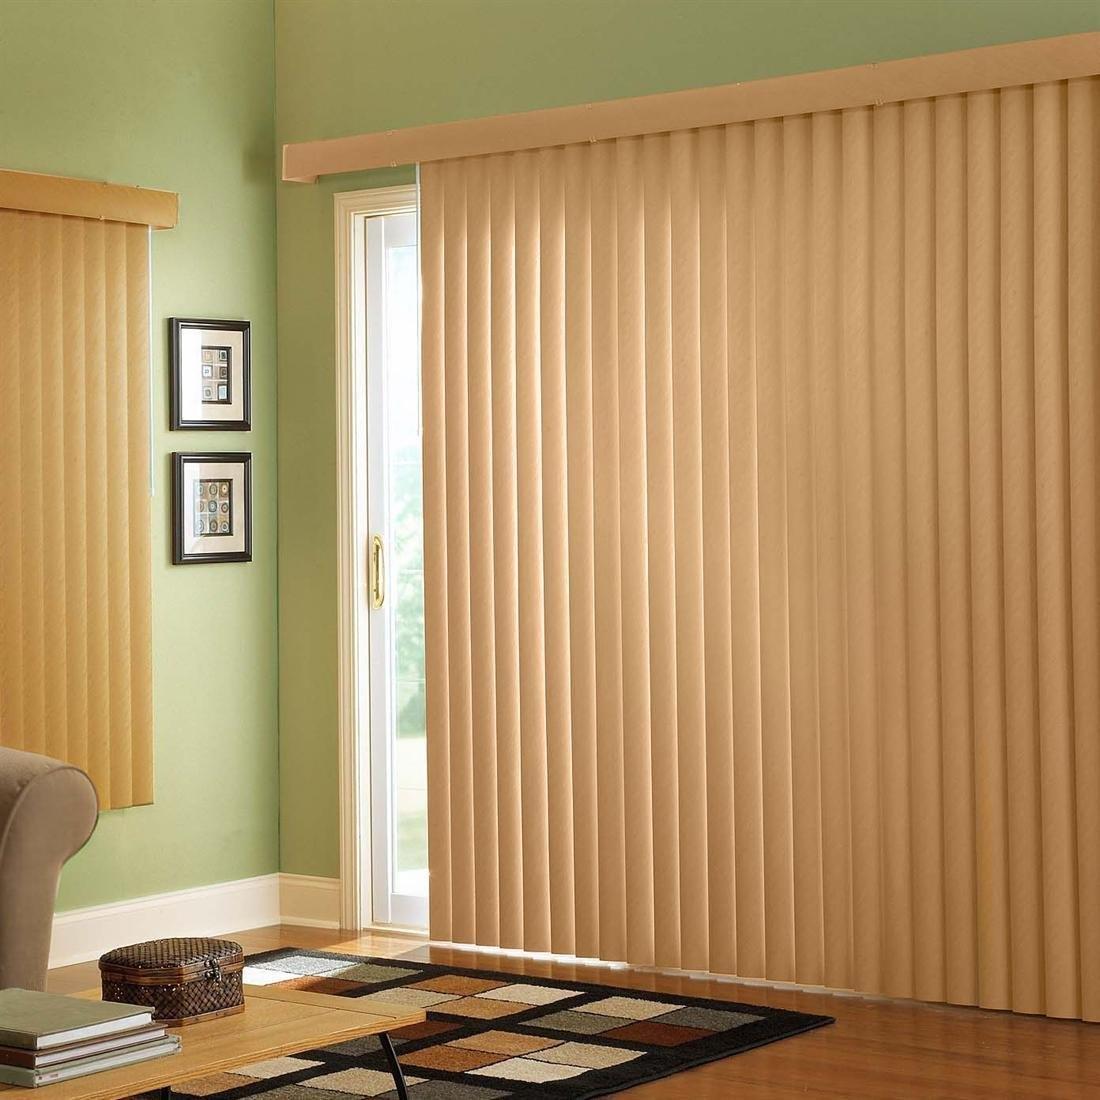 Blinds For Sliding Glass Doors Not Verticalvertical blinds for sliding glass door somats